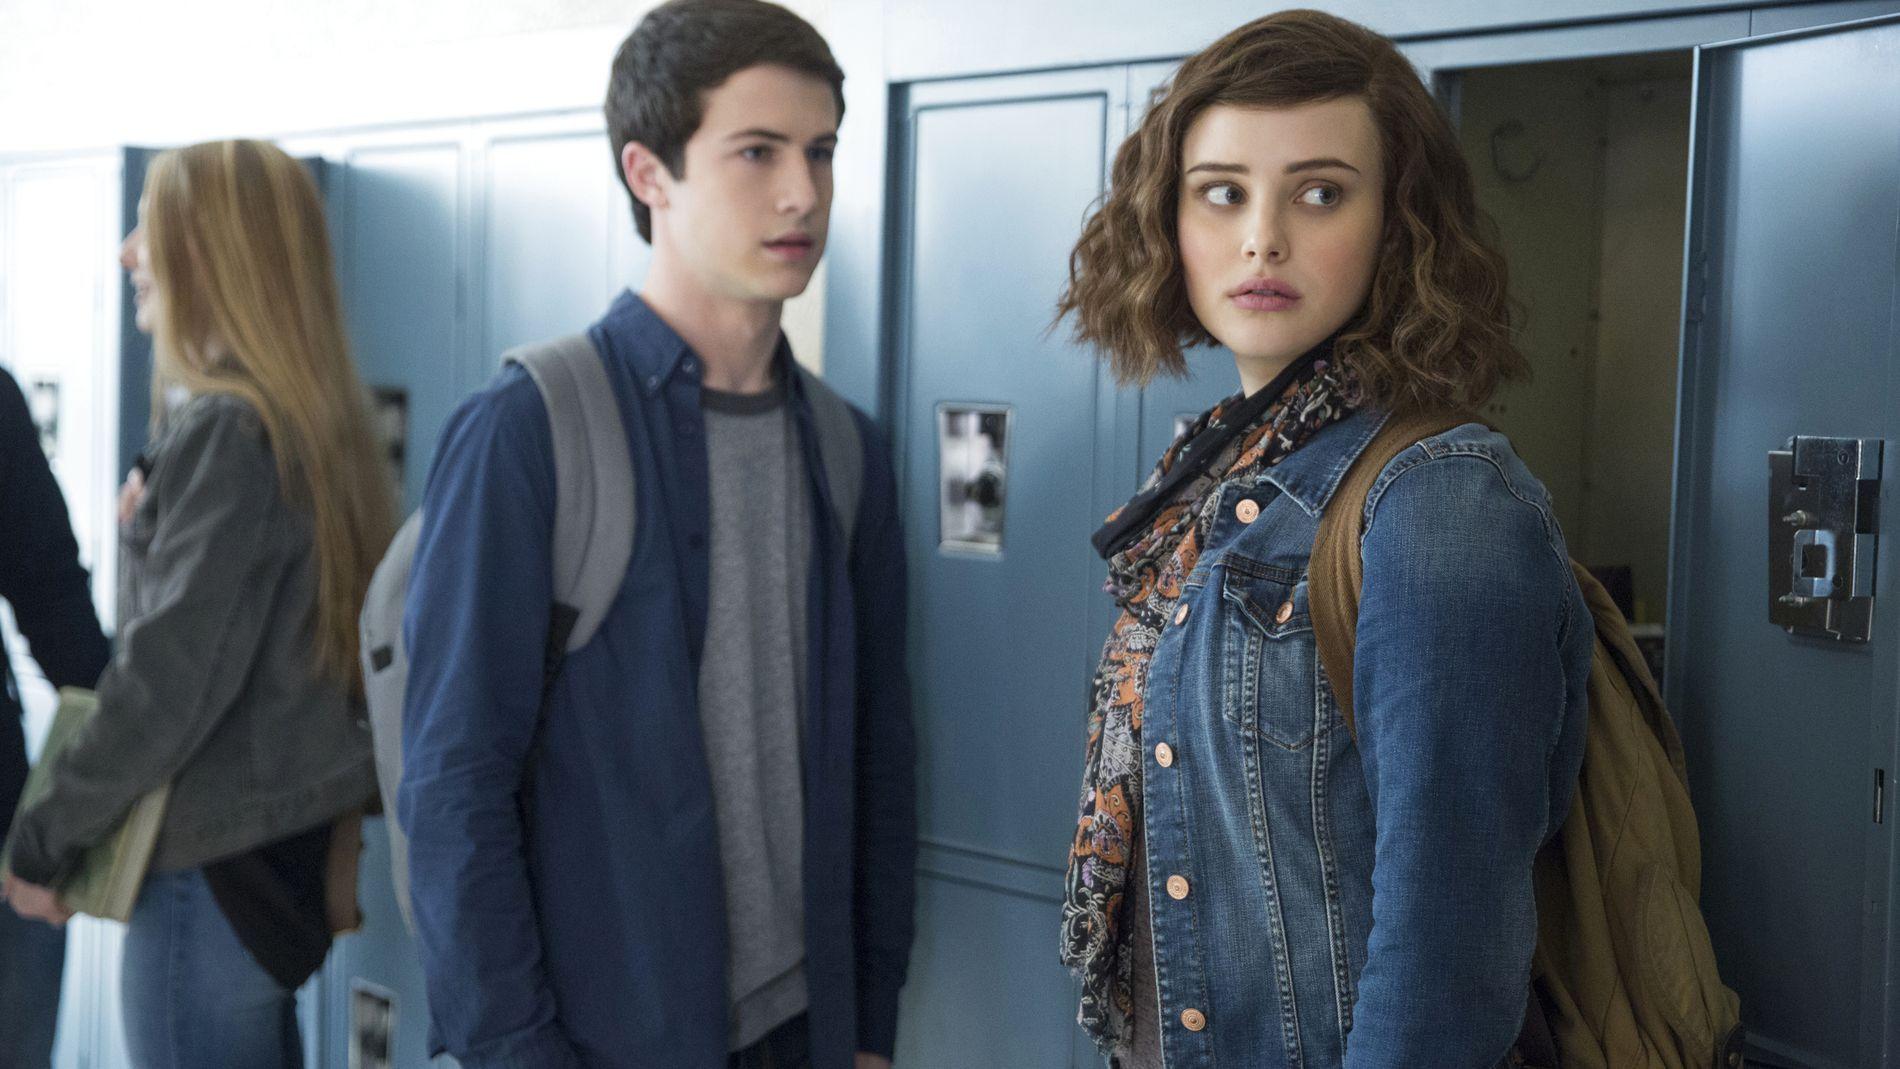 FÅR KRITIKK: Netflix-serien «13 reasons why» tar utgangspunkt i en ung jentes selvmord. Kritikere mener serien gjør mer skade enn nytte.